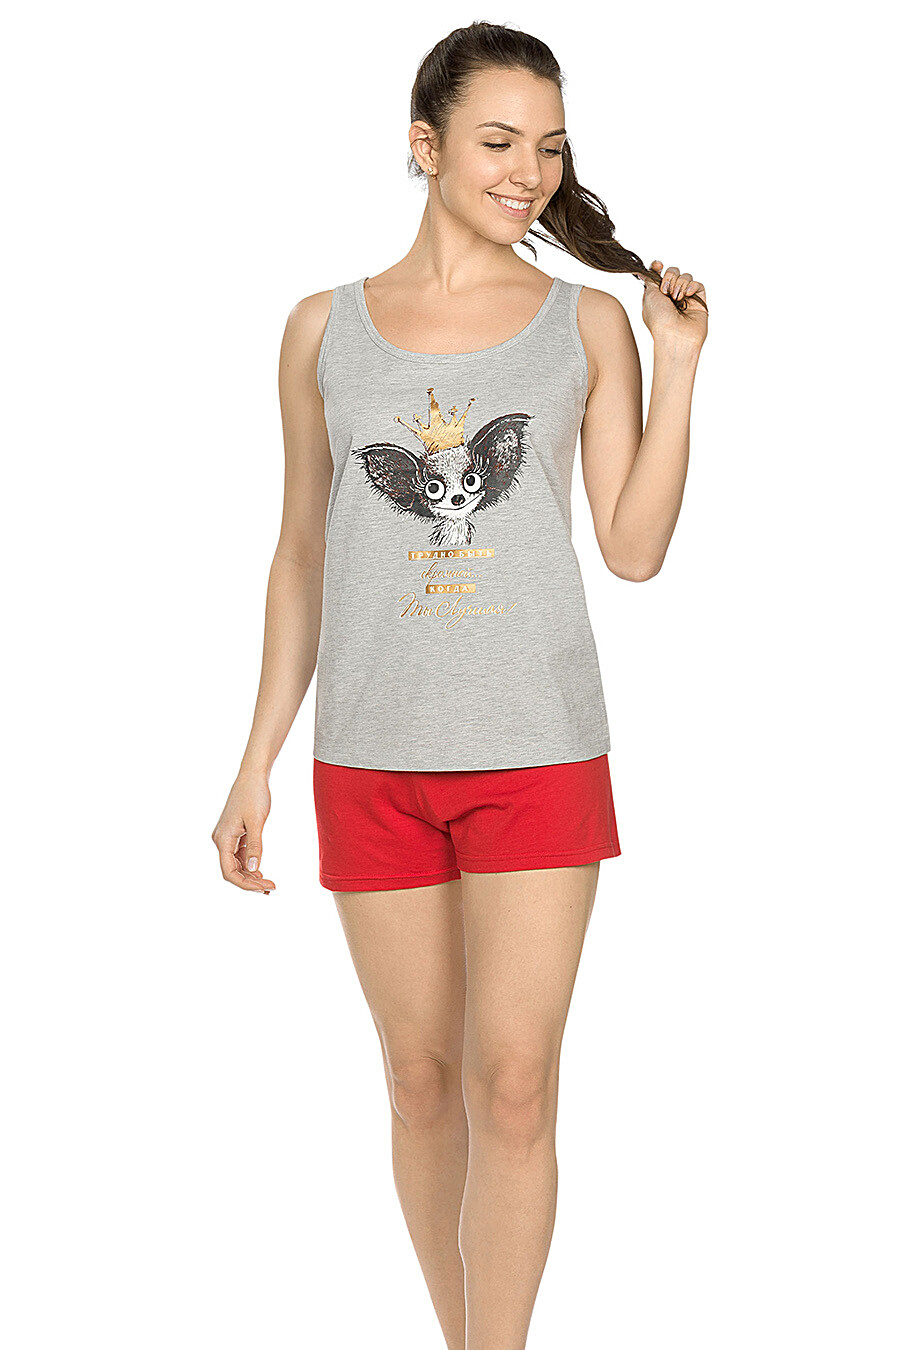 Комплект (Шорты+Майка) для женщин PELICAN 146709 купить оптом от производителя. Совместная покупка женской одежды в OptMoyo